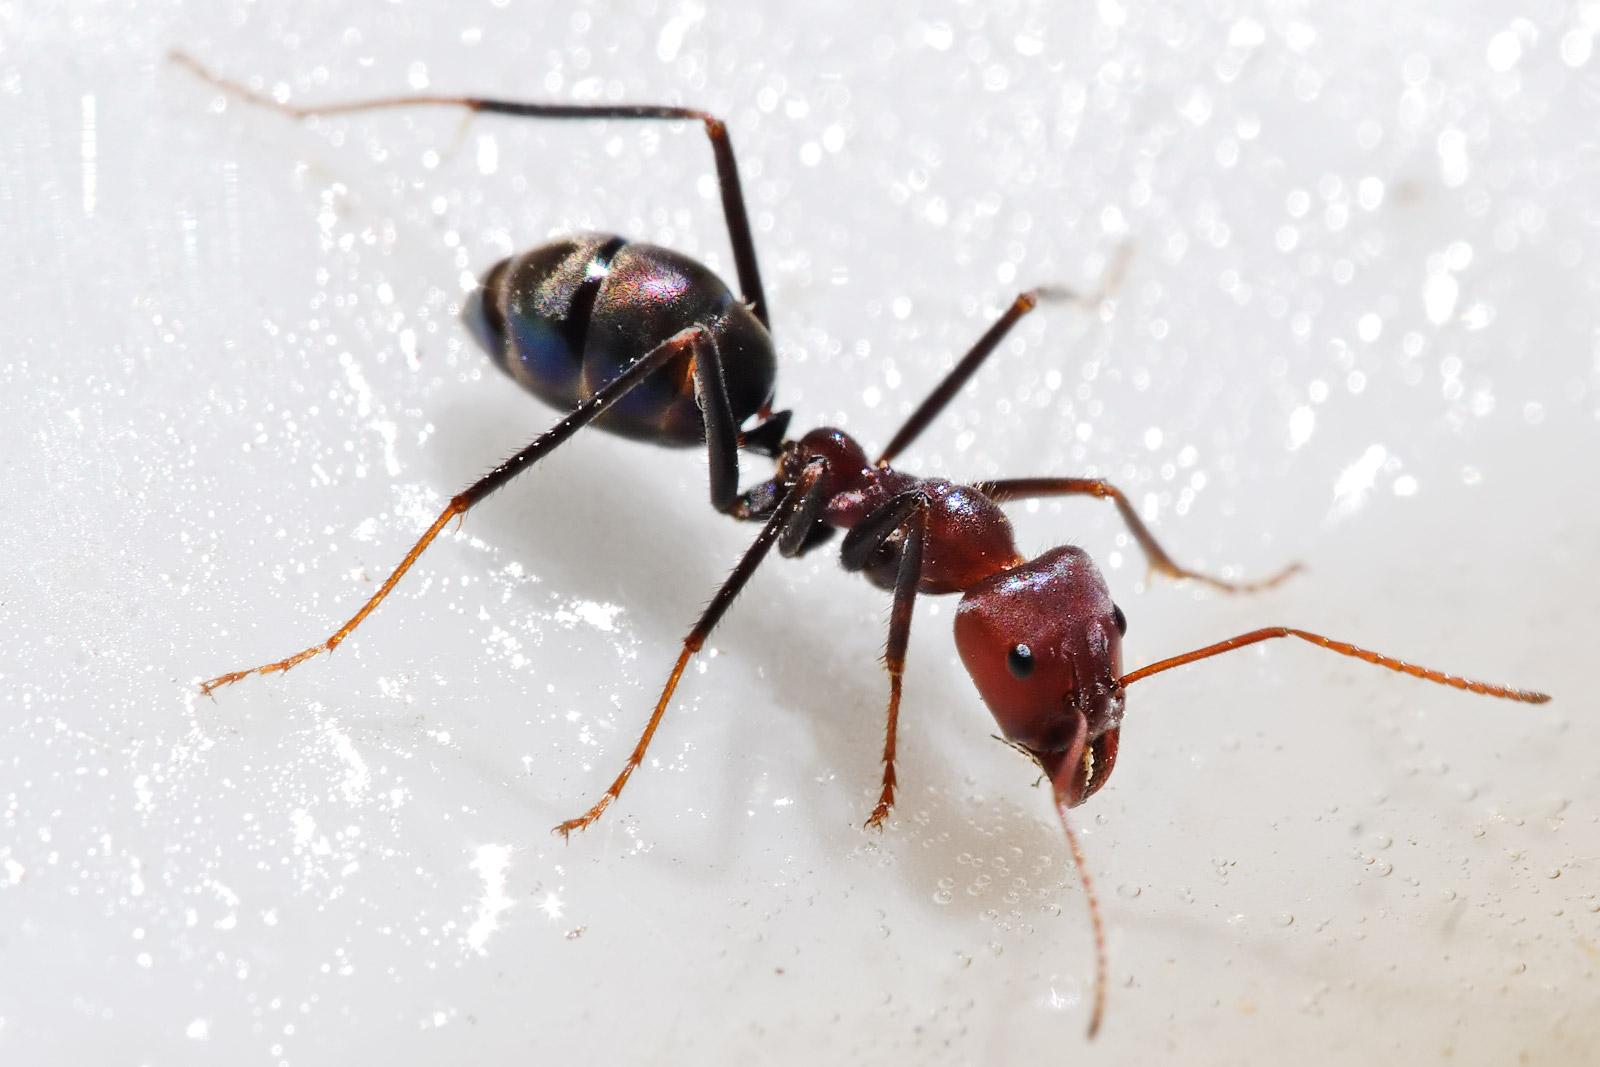 حشرات أكلها الإنسان وتلذ ذ بطعمها هل تخوض النهار